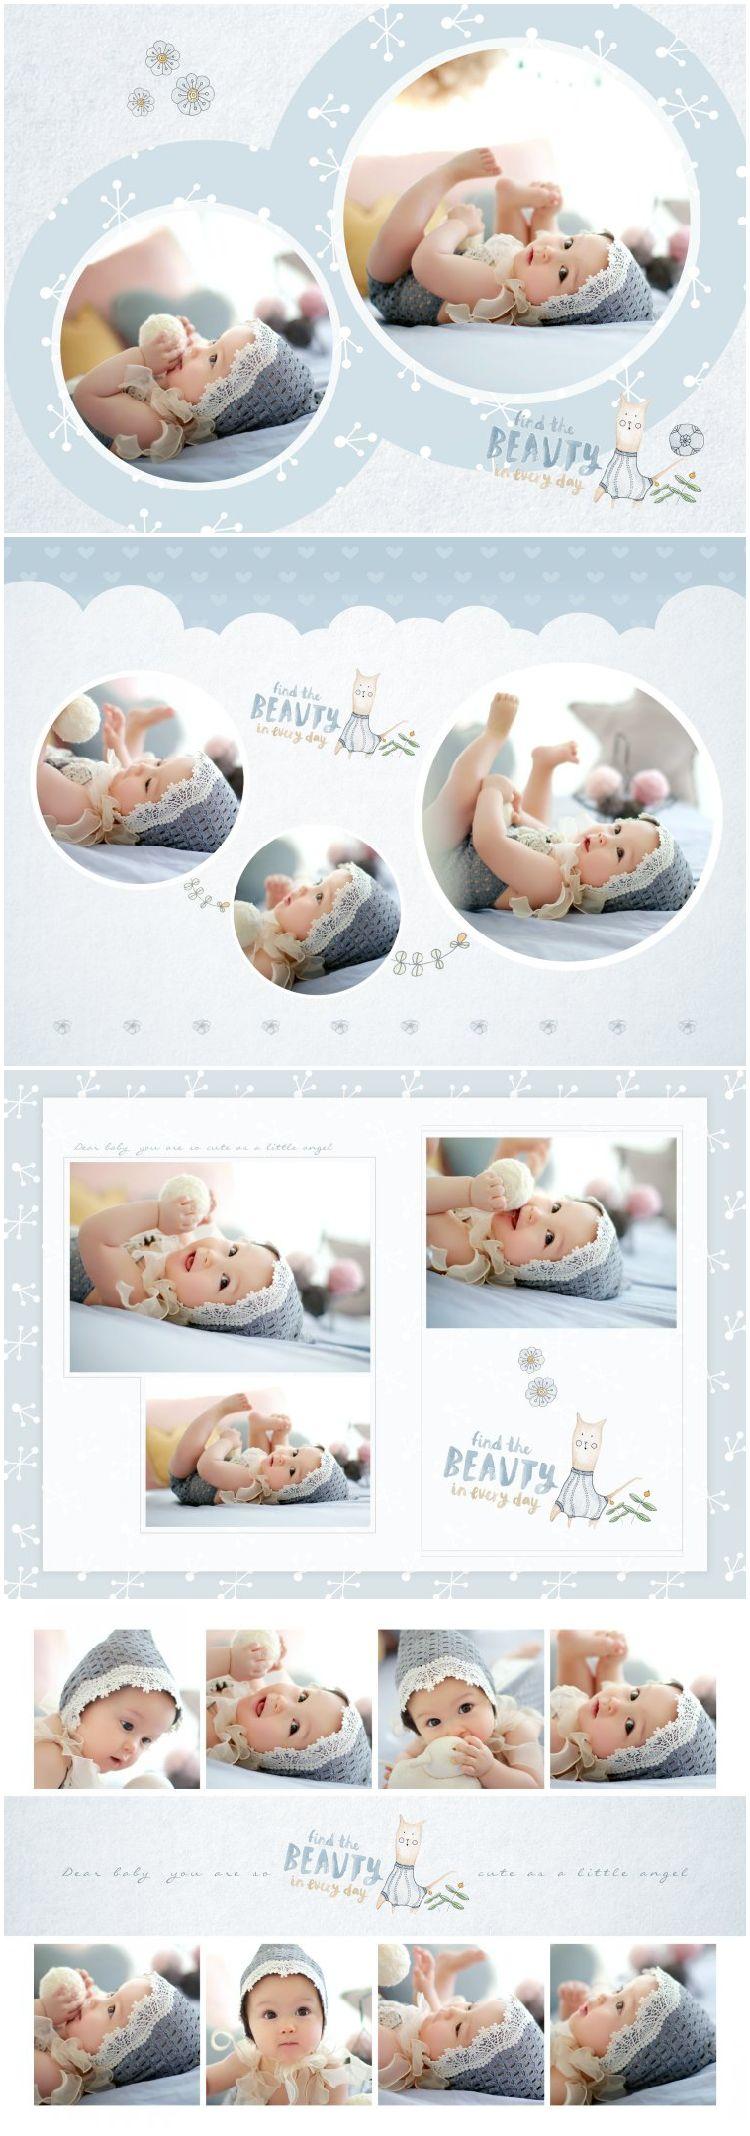 展会儿童宝宝摄影PSD分层相册模版素材唯美简约可爱设计后期竖版